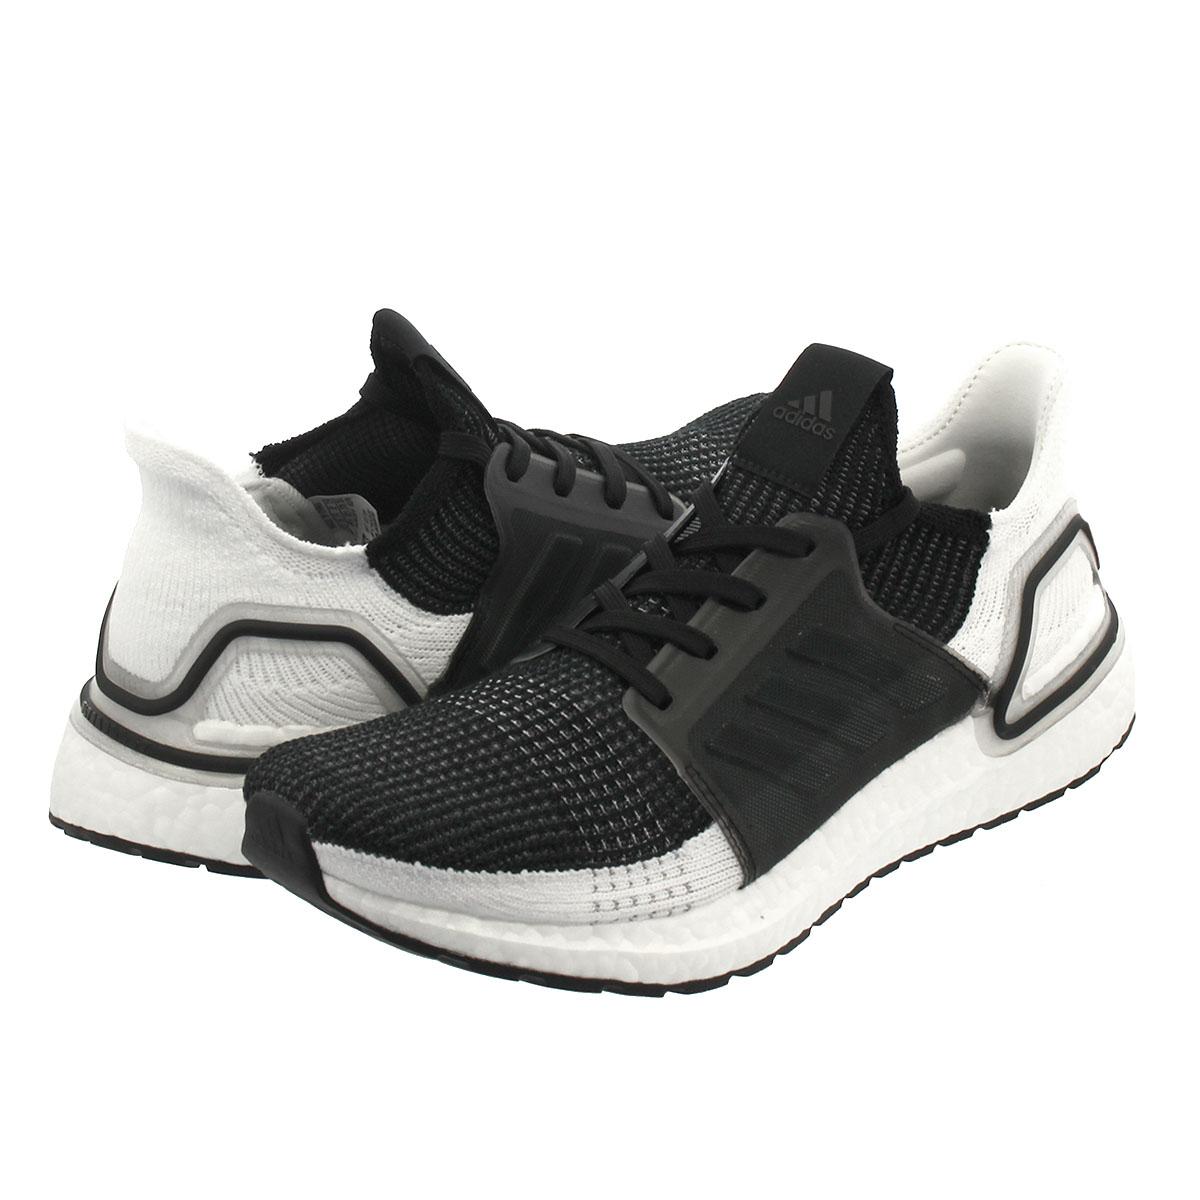 【毎日がお得!値下げプライス】 adidas ULTRA BOOST 19 アディダス ウルトラ ブースト 19 CORE BLACK/GREY SIX/GREY FOUR b37704